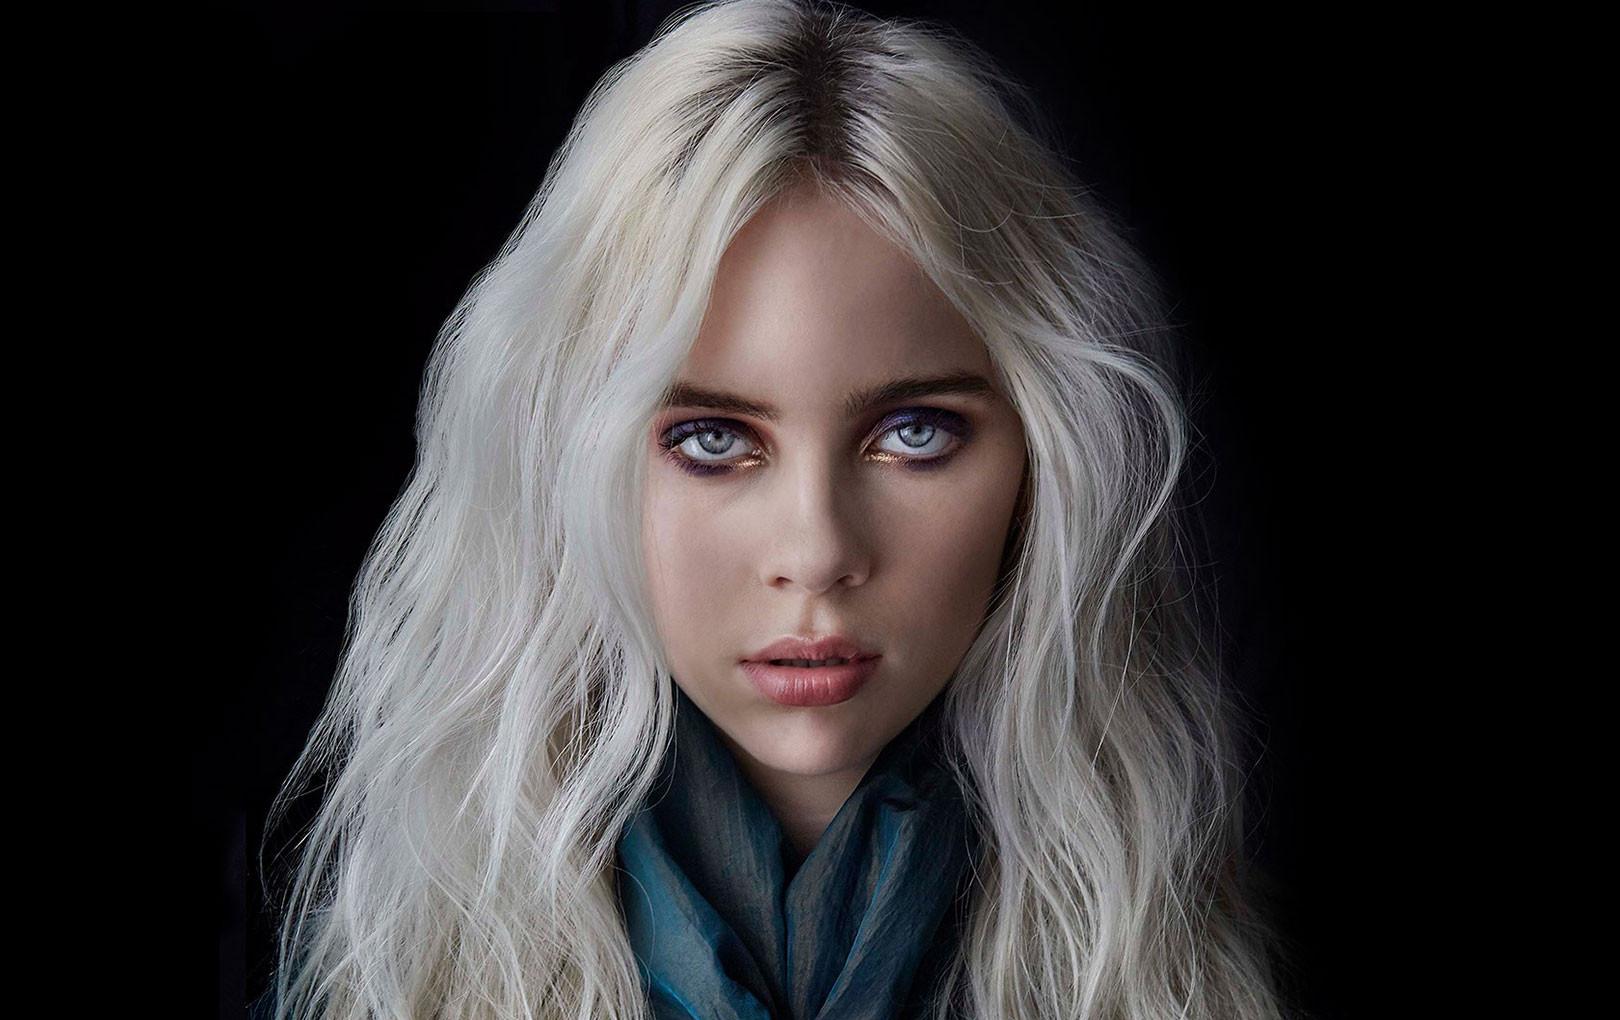 """Nhân tố mới trong làng nhạc Âu Mỹ -  Billie Eilish đã """"công phá"""" từ Apple Music đến Billboard thế nào để  thiết lập hàng loạt kỉ lục mới?"""